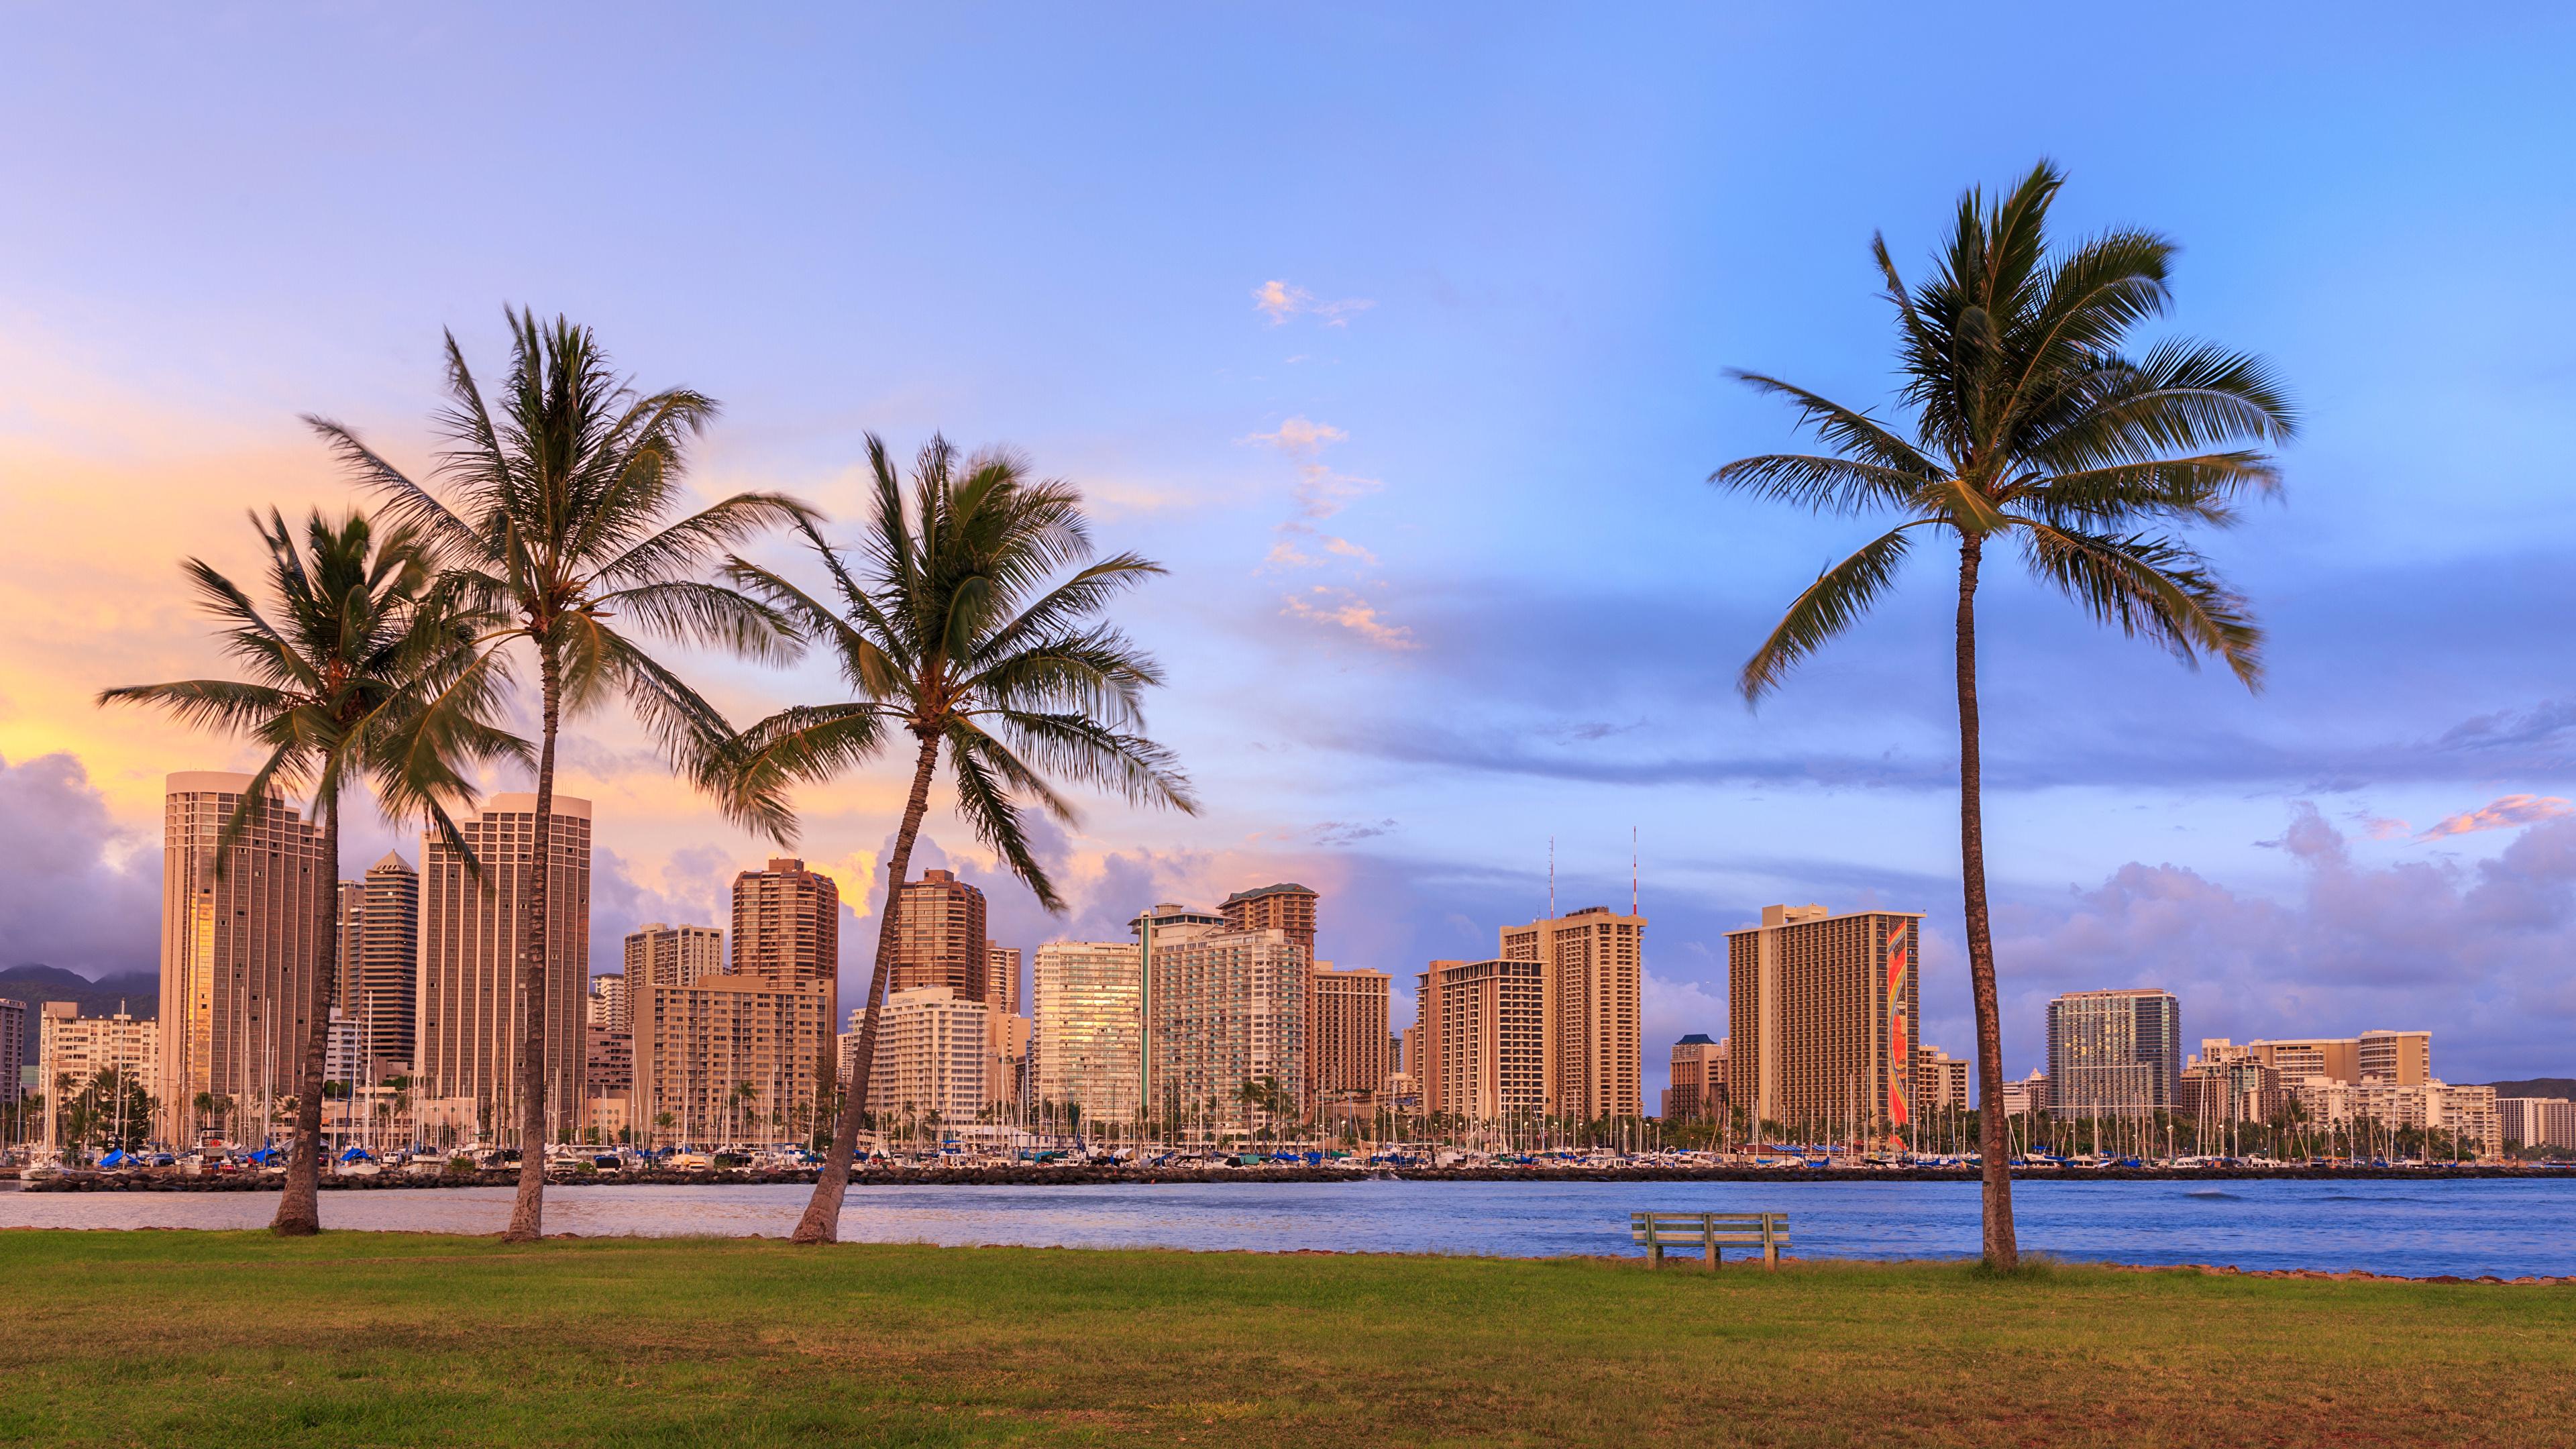 壁紙 3840x2160 住宅 川 空 Waikiki Honolulu ハワイ州 ヤシ